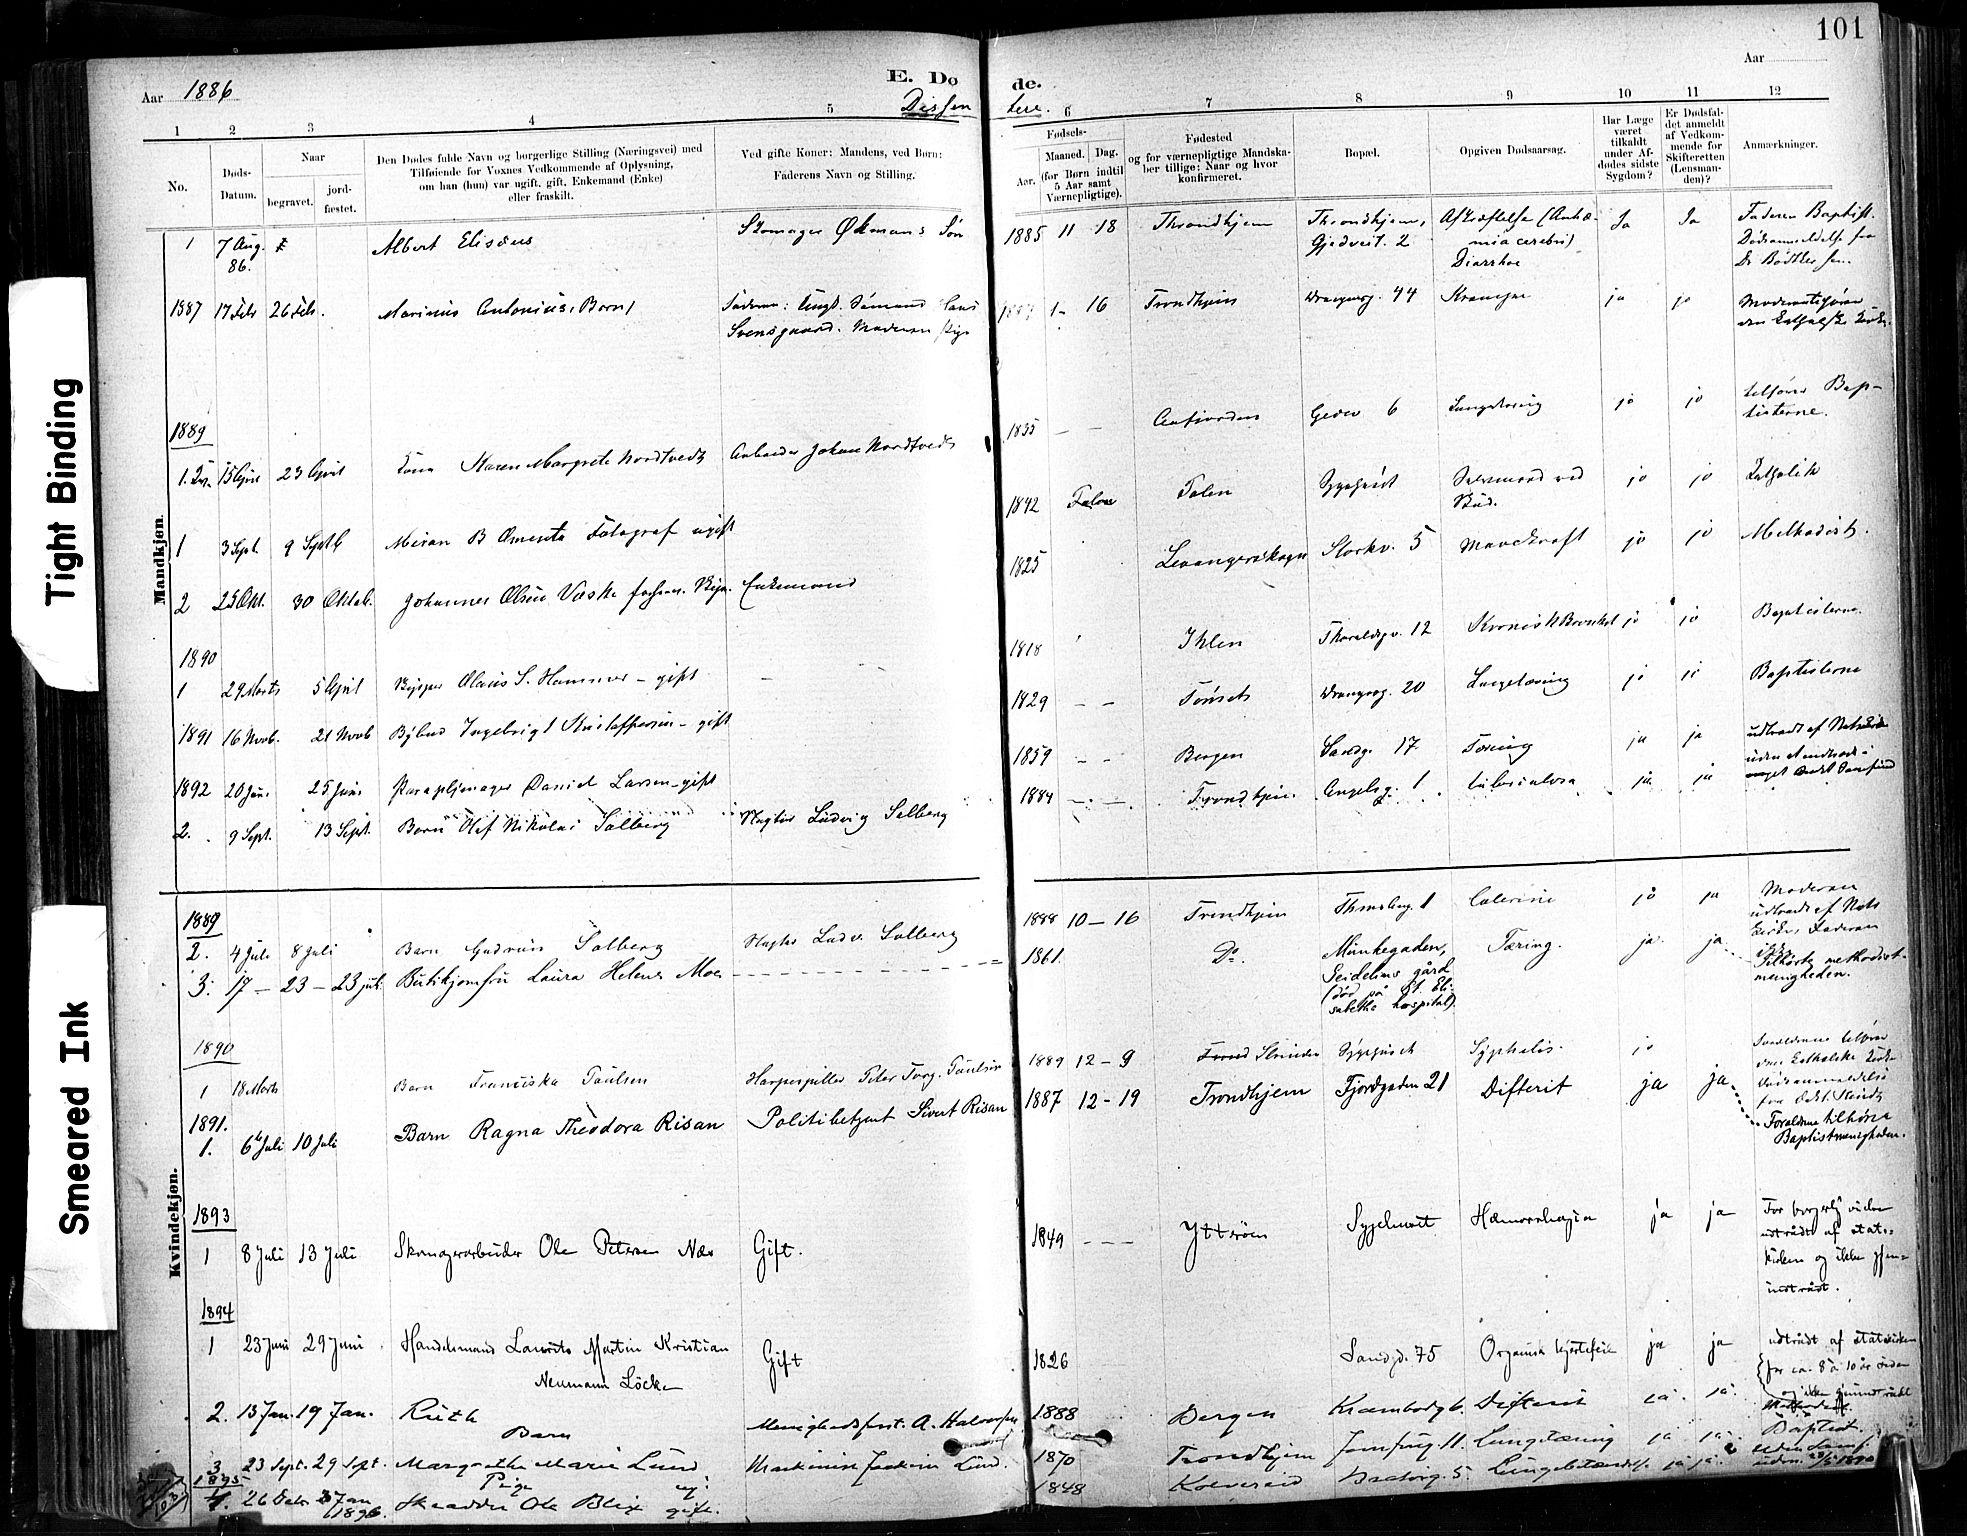 SAT, Ministerialprotokoller, klokkerbøker og fødselsregistre - Sør-Trøndelag, 602/L0120: Ministerialbok nr. 602A18, 1880-1913, s. 101